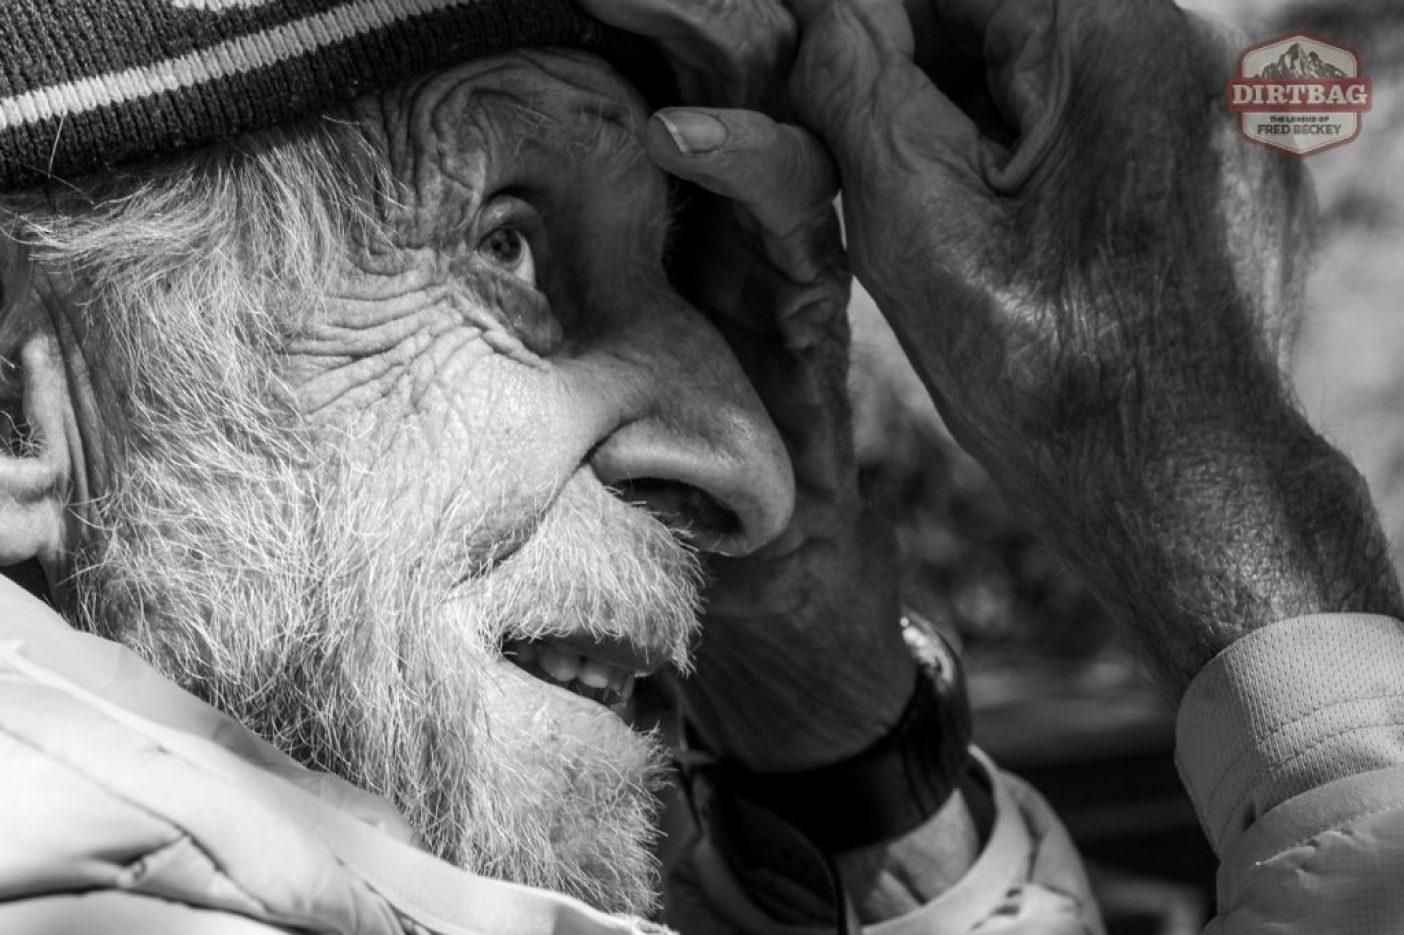 『ダートバッグ:フレッド・ベッキーの伝説』のディレクターであるデーブ・オレスキーとした2度の中国遠征のひとつでのフレッド・ベッキー。この投稿のトップにある動画も同映画からのもの。  Photo: Dave O'Leske